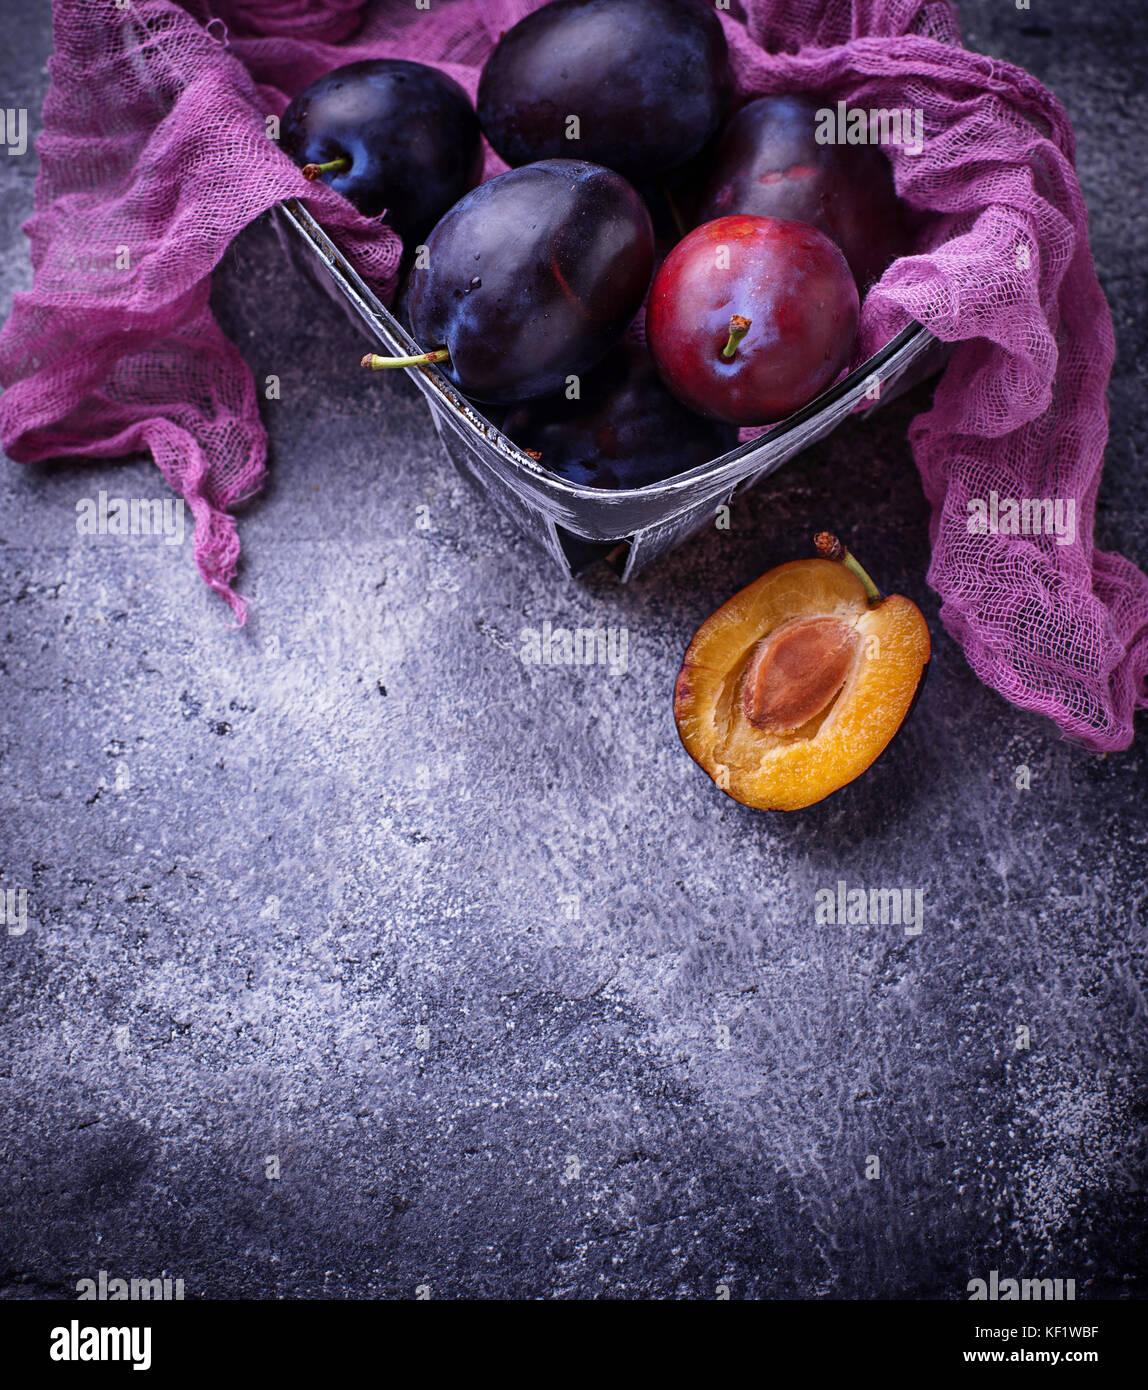 Fresche dolci prugne su sfondo di calcestruzzo Immagini Stock